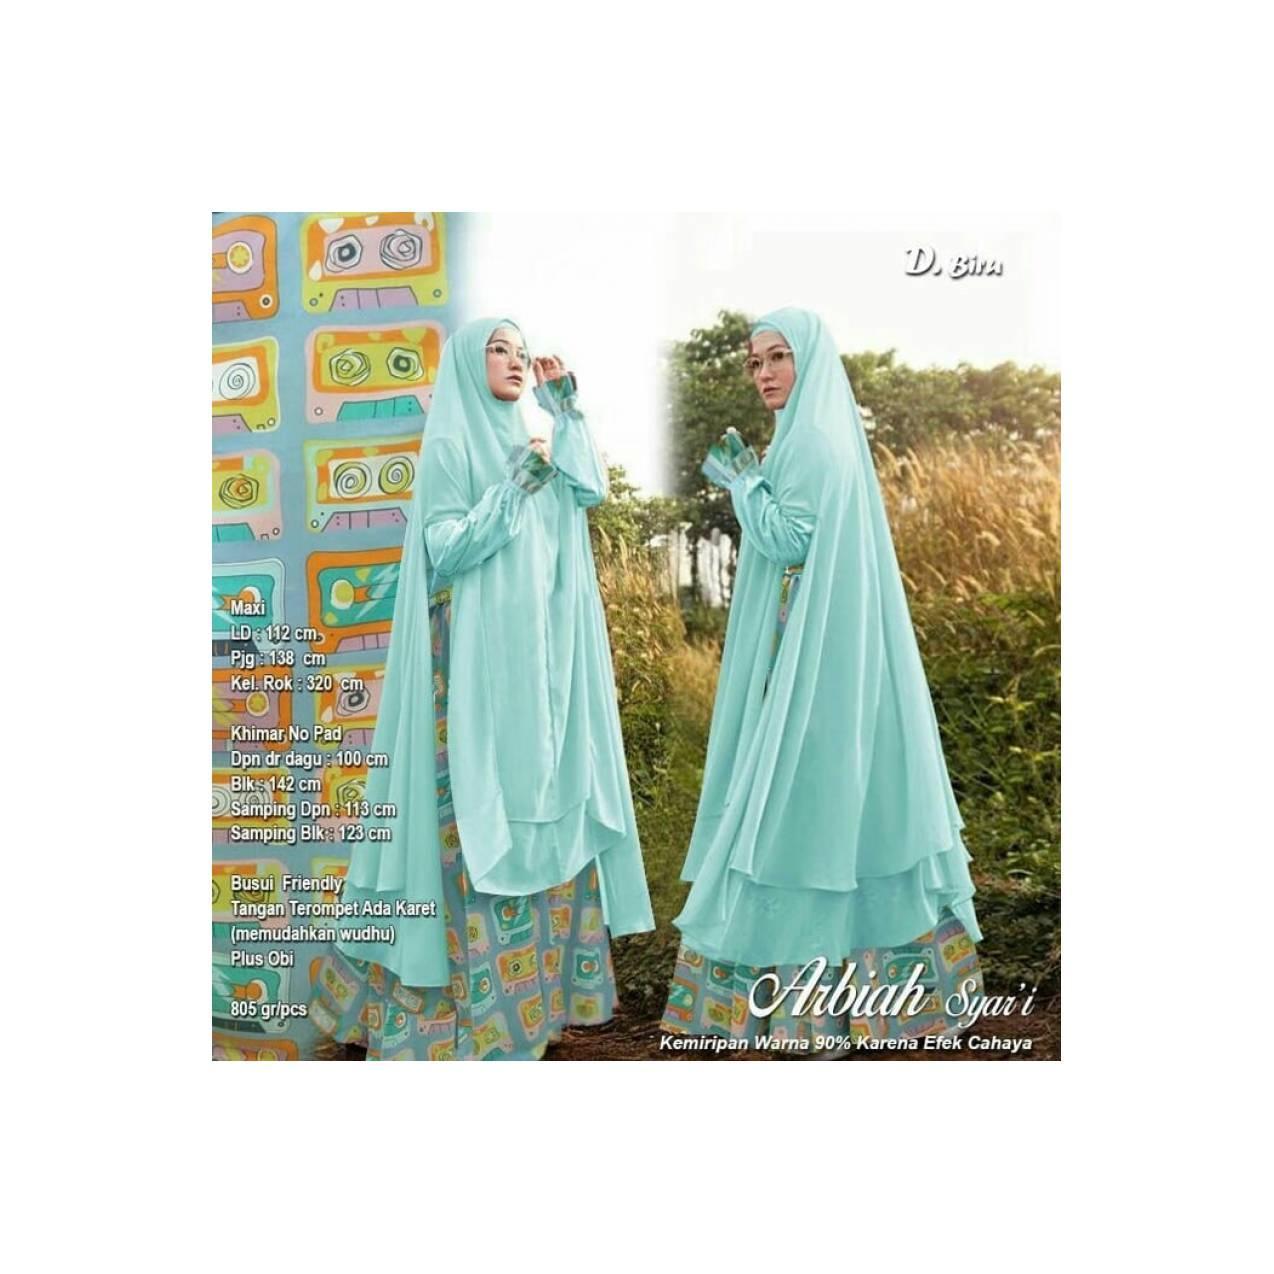 Baju Pengantin Muslimah 119917 GAMIS JUMBO ARBIAH SYARI BIRU